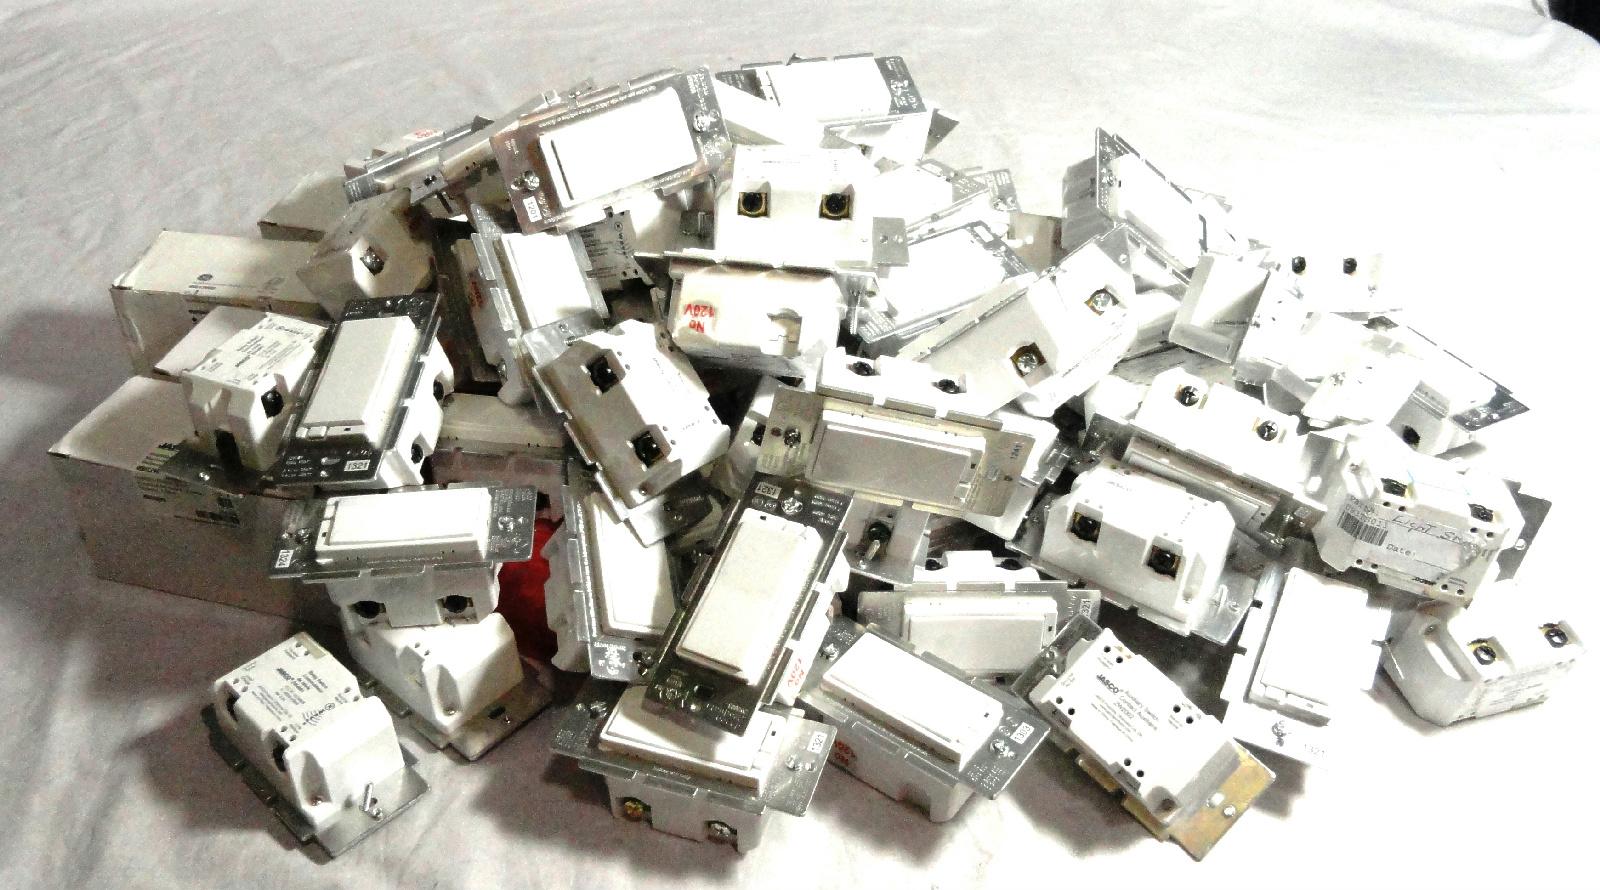 Zw2002 Jasco Relay Switch 45709 93x Assorted Ge Switches Zw4001 Zw3003